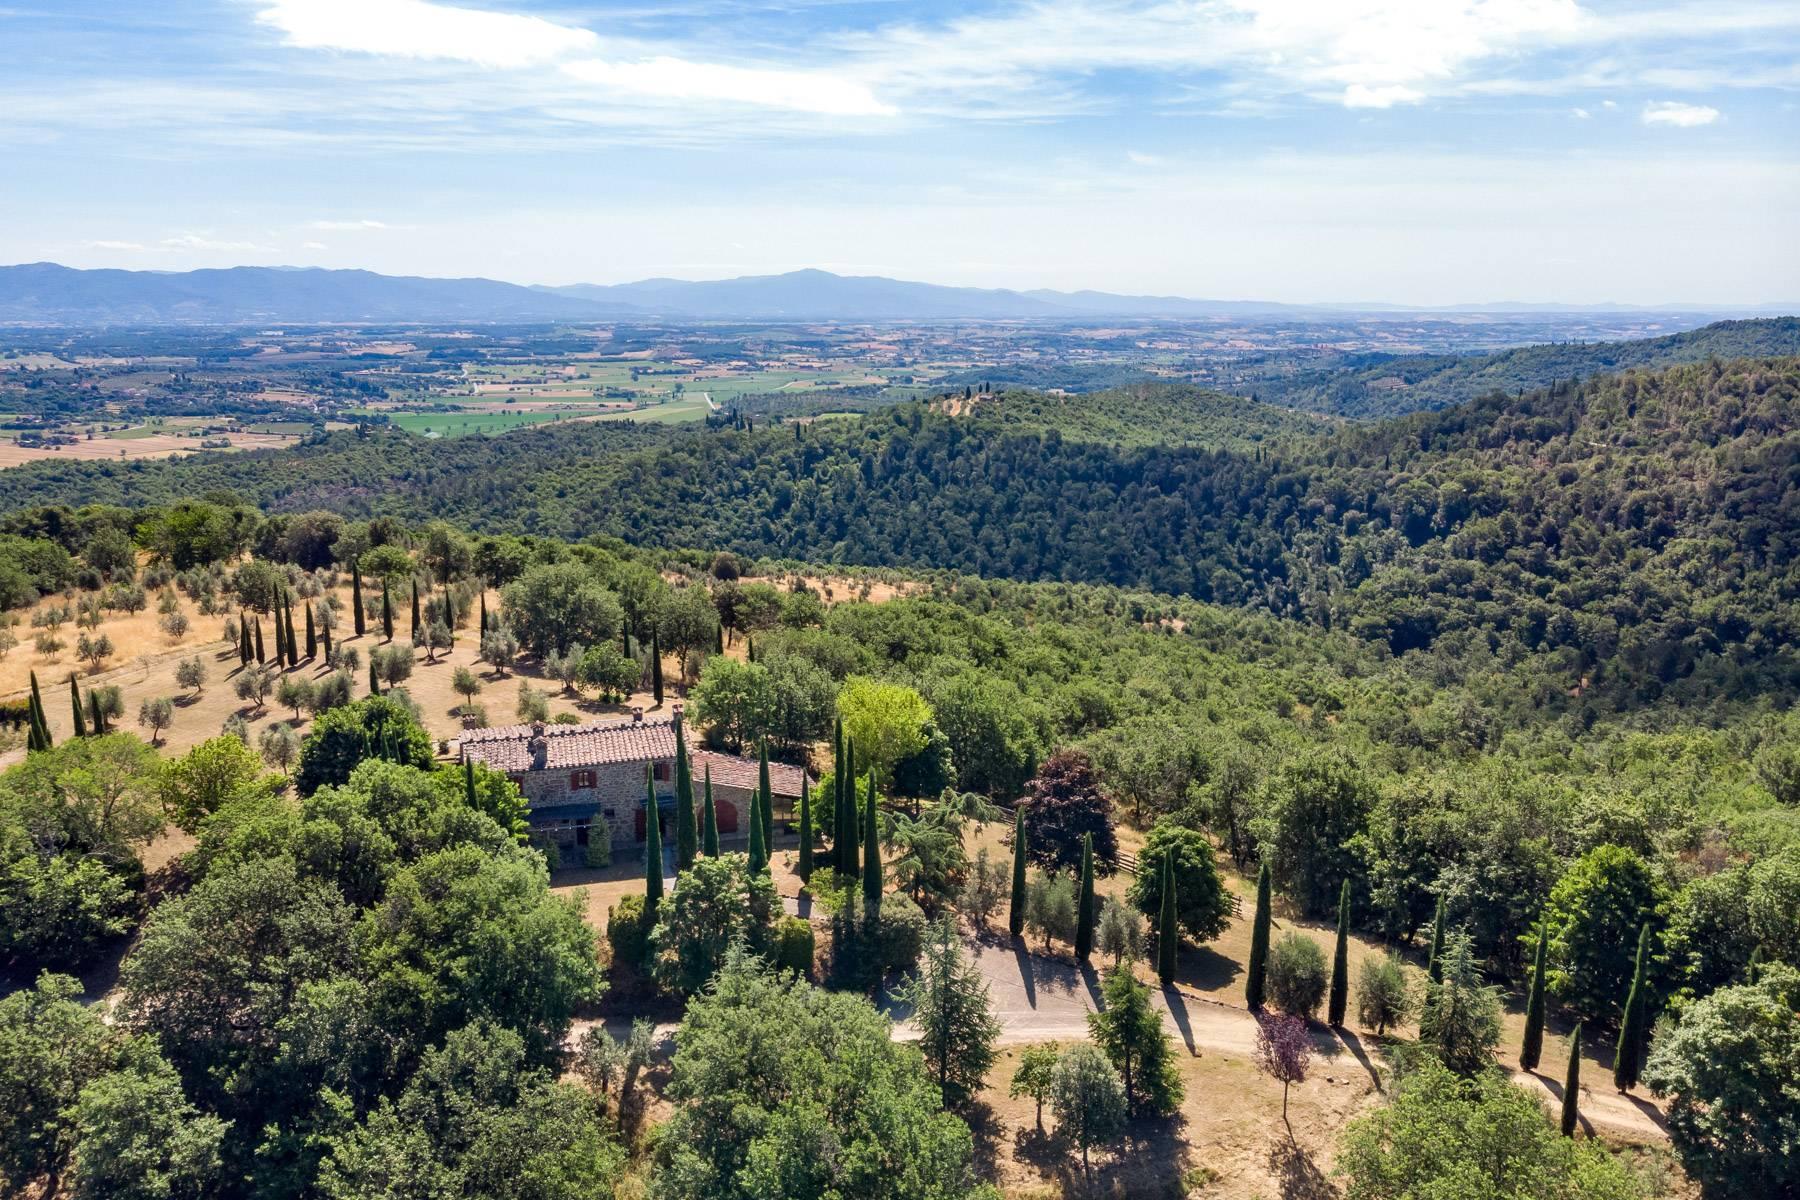 Wunderschönes Bauernhaus auf den Hügeln von Arezzo - 30